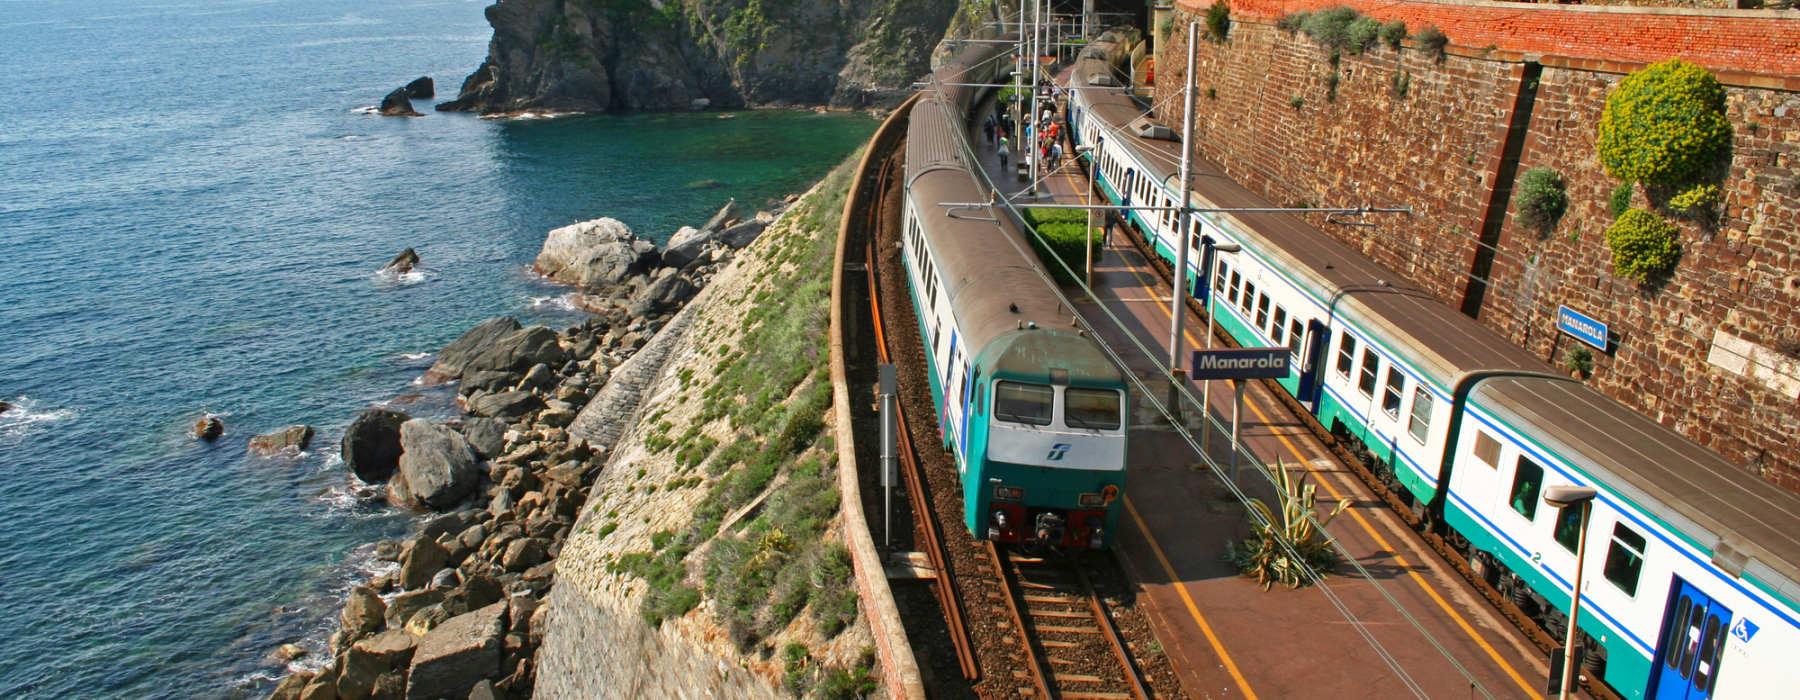 Rejs med det offentlige i Italien